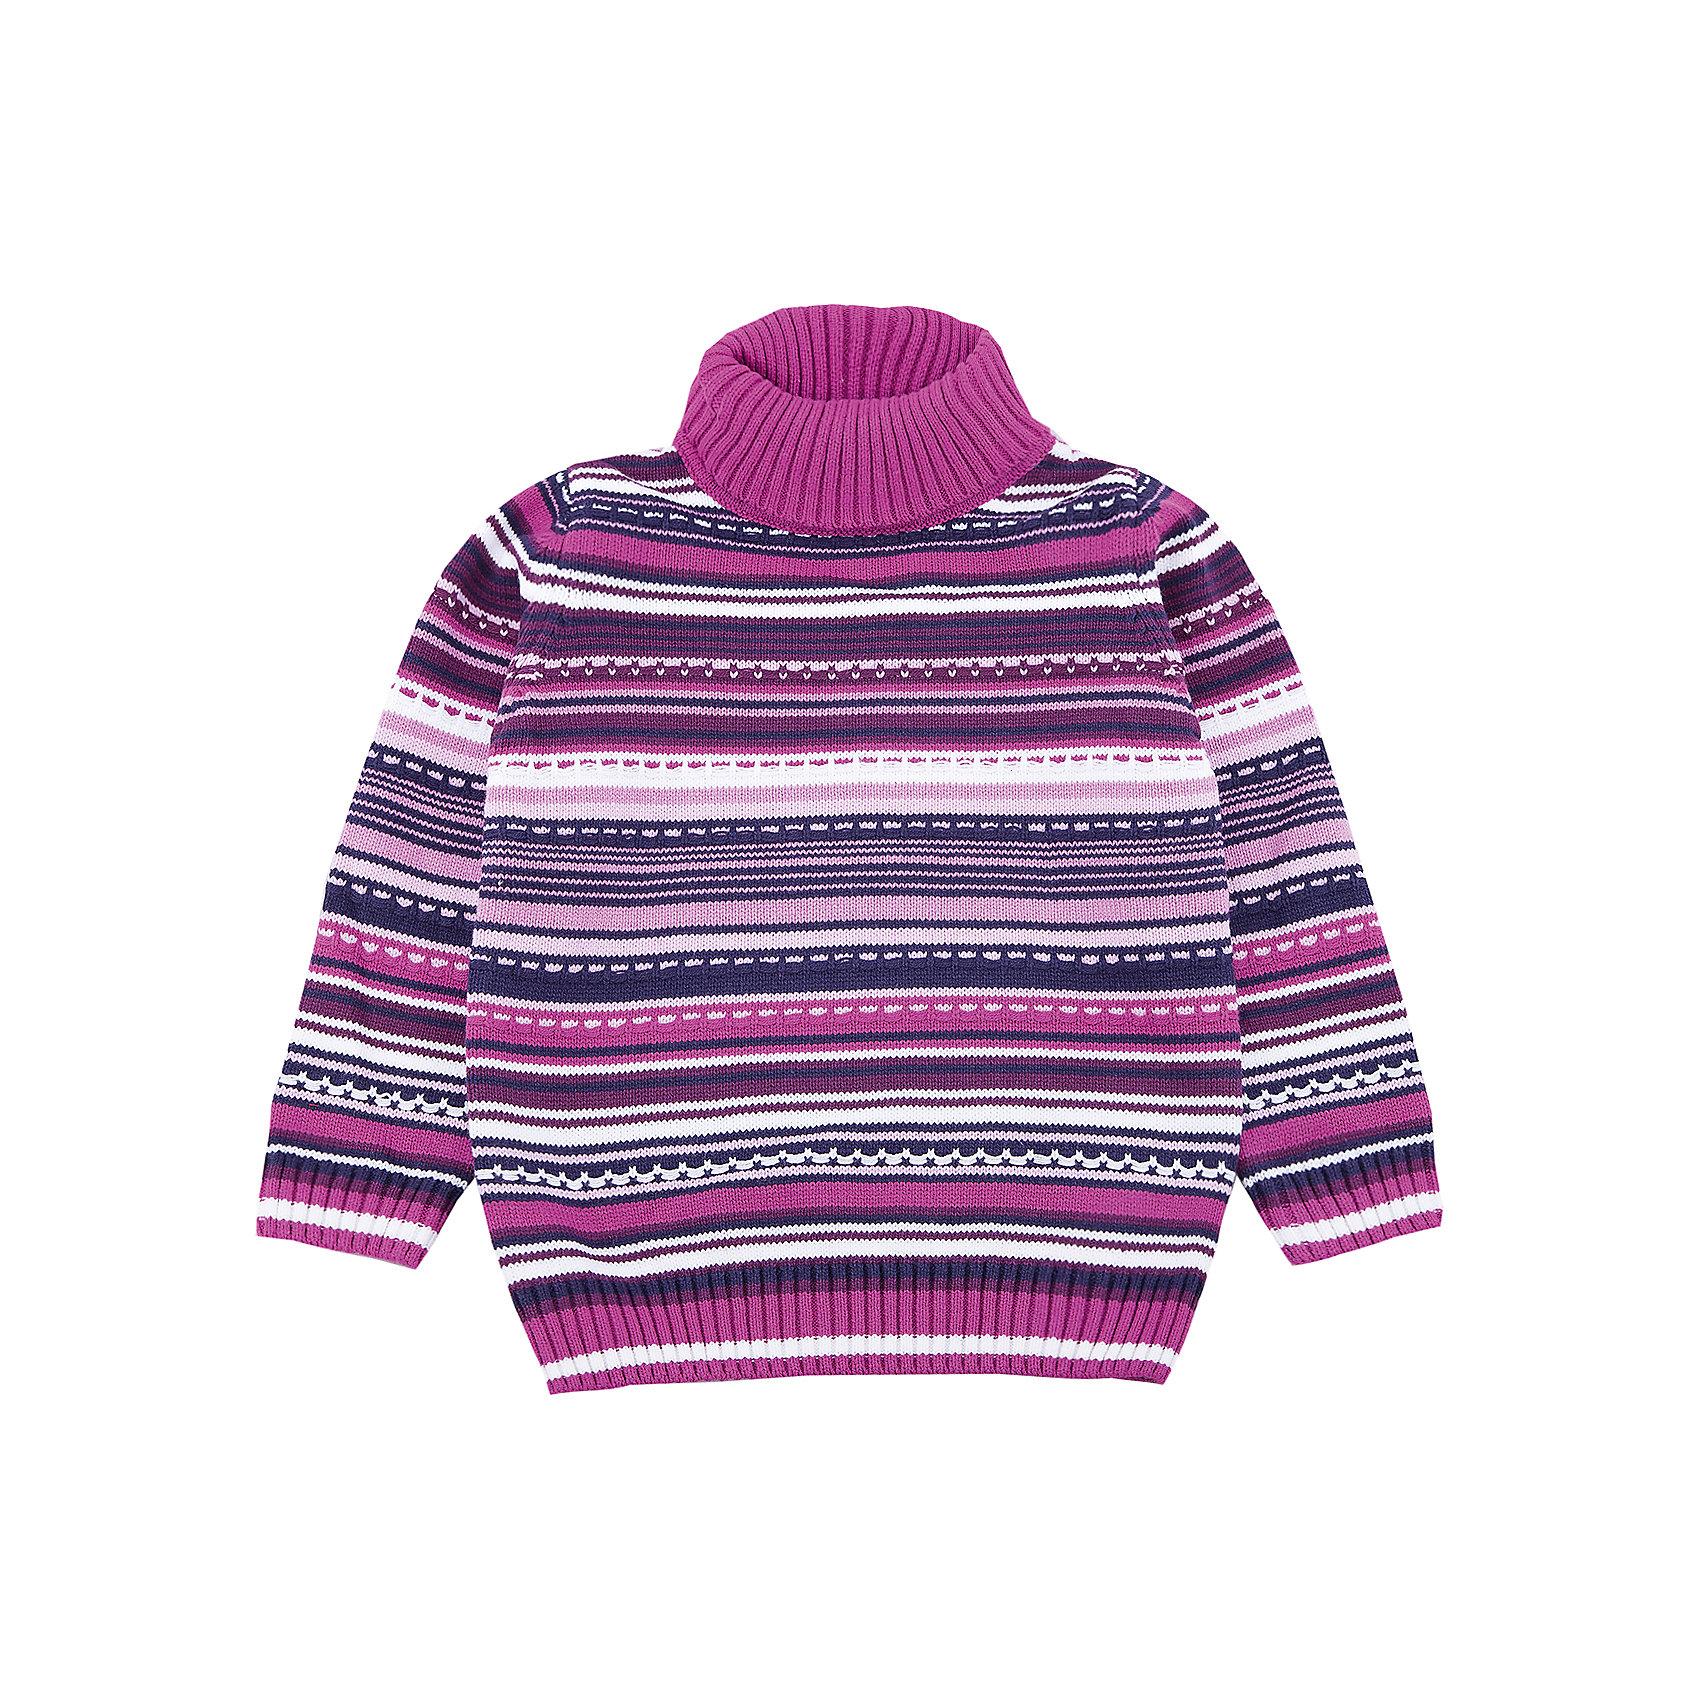 Свитер PlayToday для девочкиСвитера и кардиганы<br>Свитер PlayToday для девочки<br>Удобный свитер с высоким горлом - отличное решение для повседневного гардероба ребенка. Модель выполнена по технологии yarn dyed -  в процессе производства используются разного цвета нити. При правильном уходе изделие не линяет и надолго остается в первоначальном виде. Горловина, манжеты и низ изделия на мягких трикотажных резинках. Свободный крой не сковывает движений ребенка.<br>Состав:<br>60% хлопок, 40% акрил<br><br>Ширина мм: 190<br>Глубина мм: 74<br>Высота мм: 229<br>Вес г: 236<br>Цвет: белый<br>Возраст от месяцев: 48<br>Возраст до месяцев: 60<br>Пол: Женский<br>Возраст: Детский<br>Размер: 110,116,122,128,98,104<br>SKU: 7115825